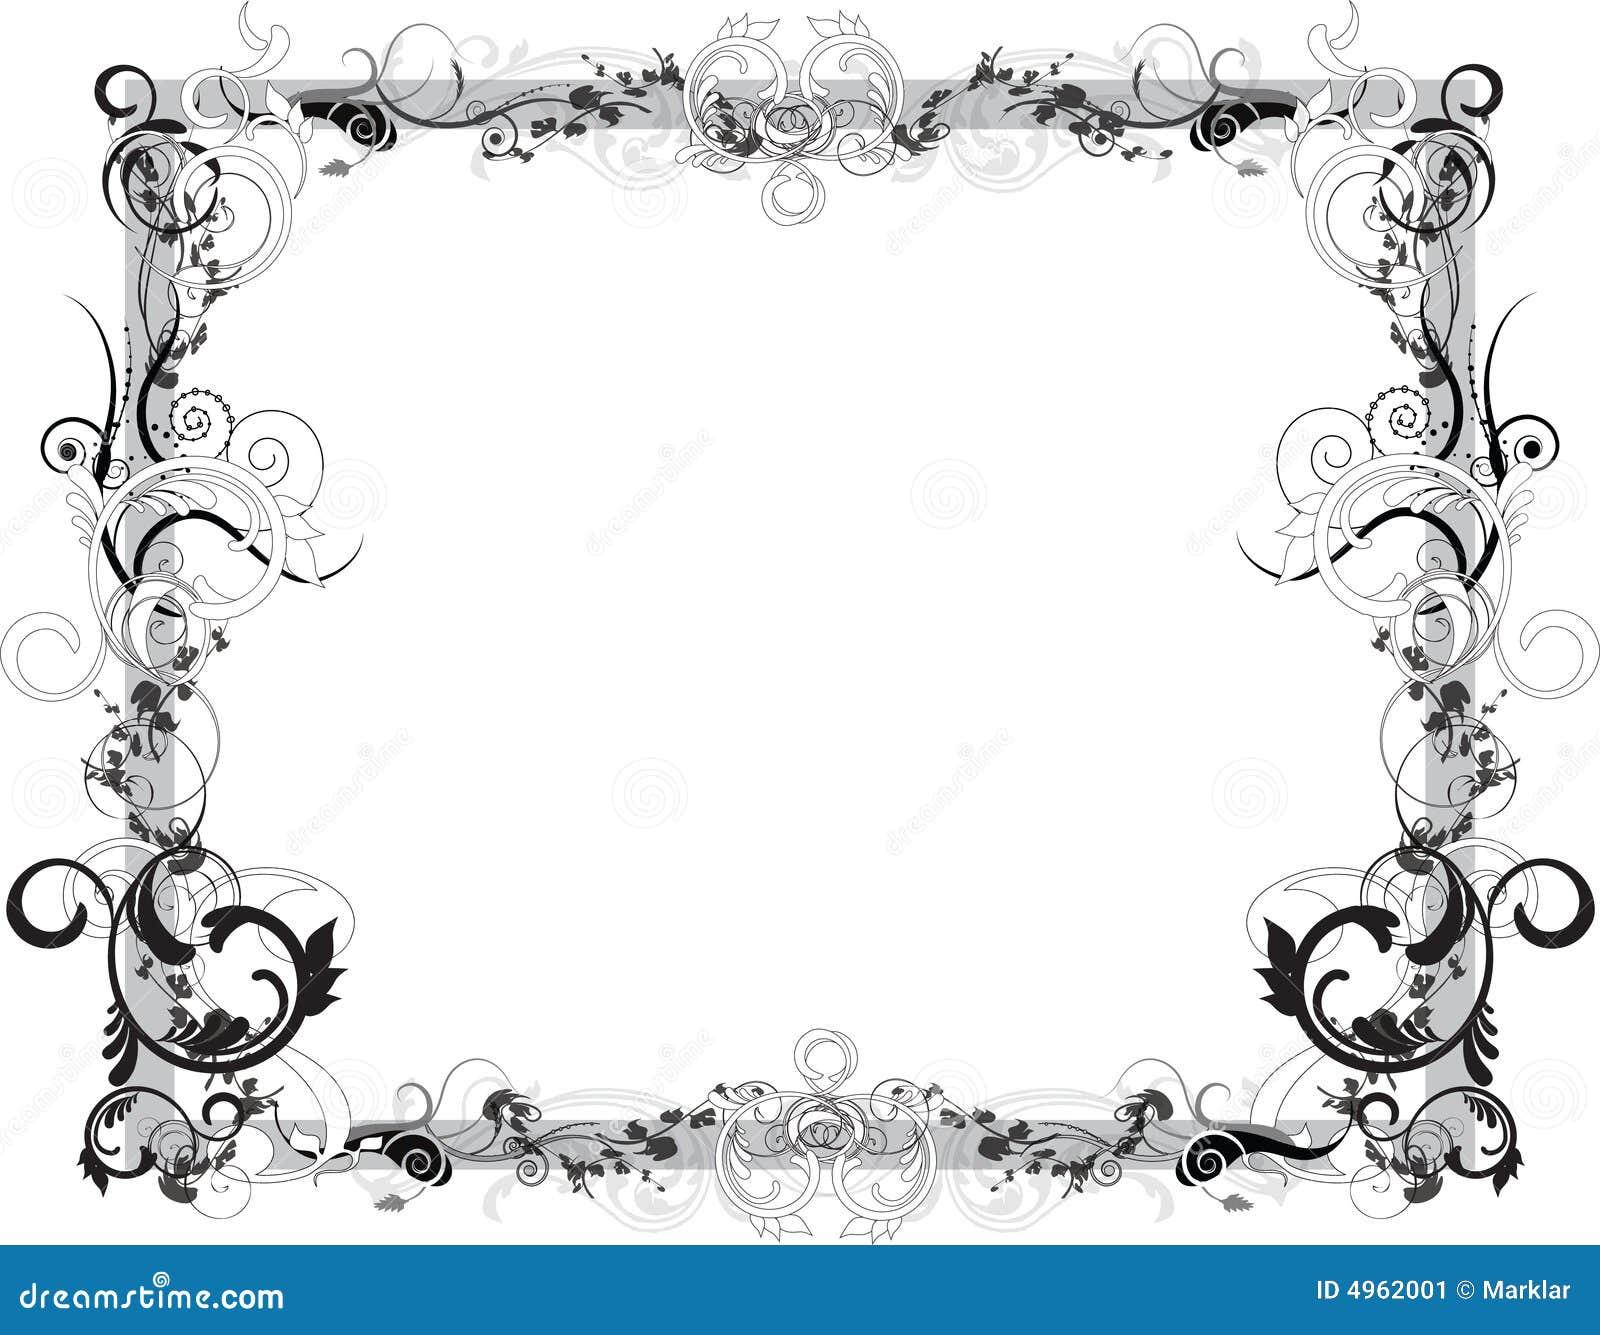 Flower Black And White Frame Stock Vector - Illustration of elegance ...